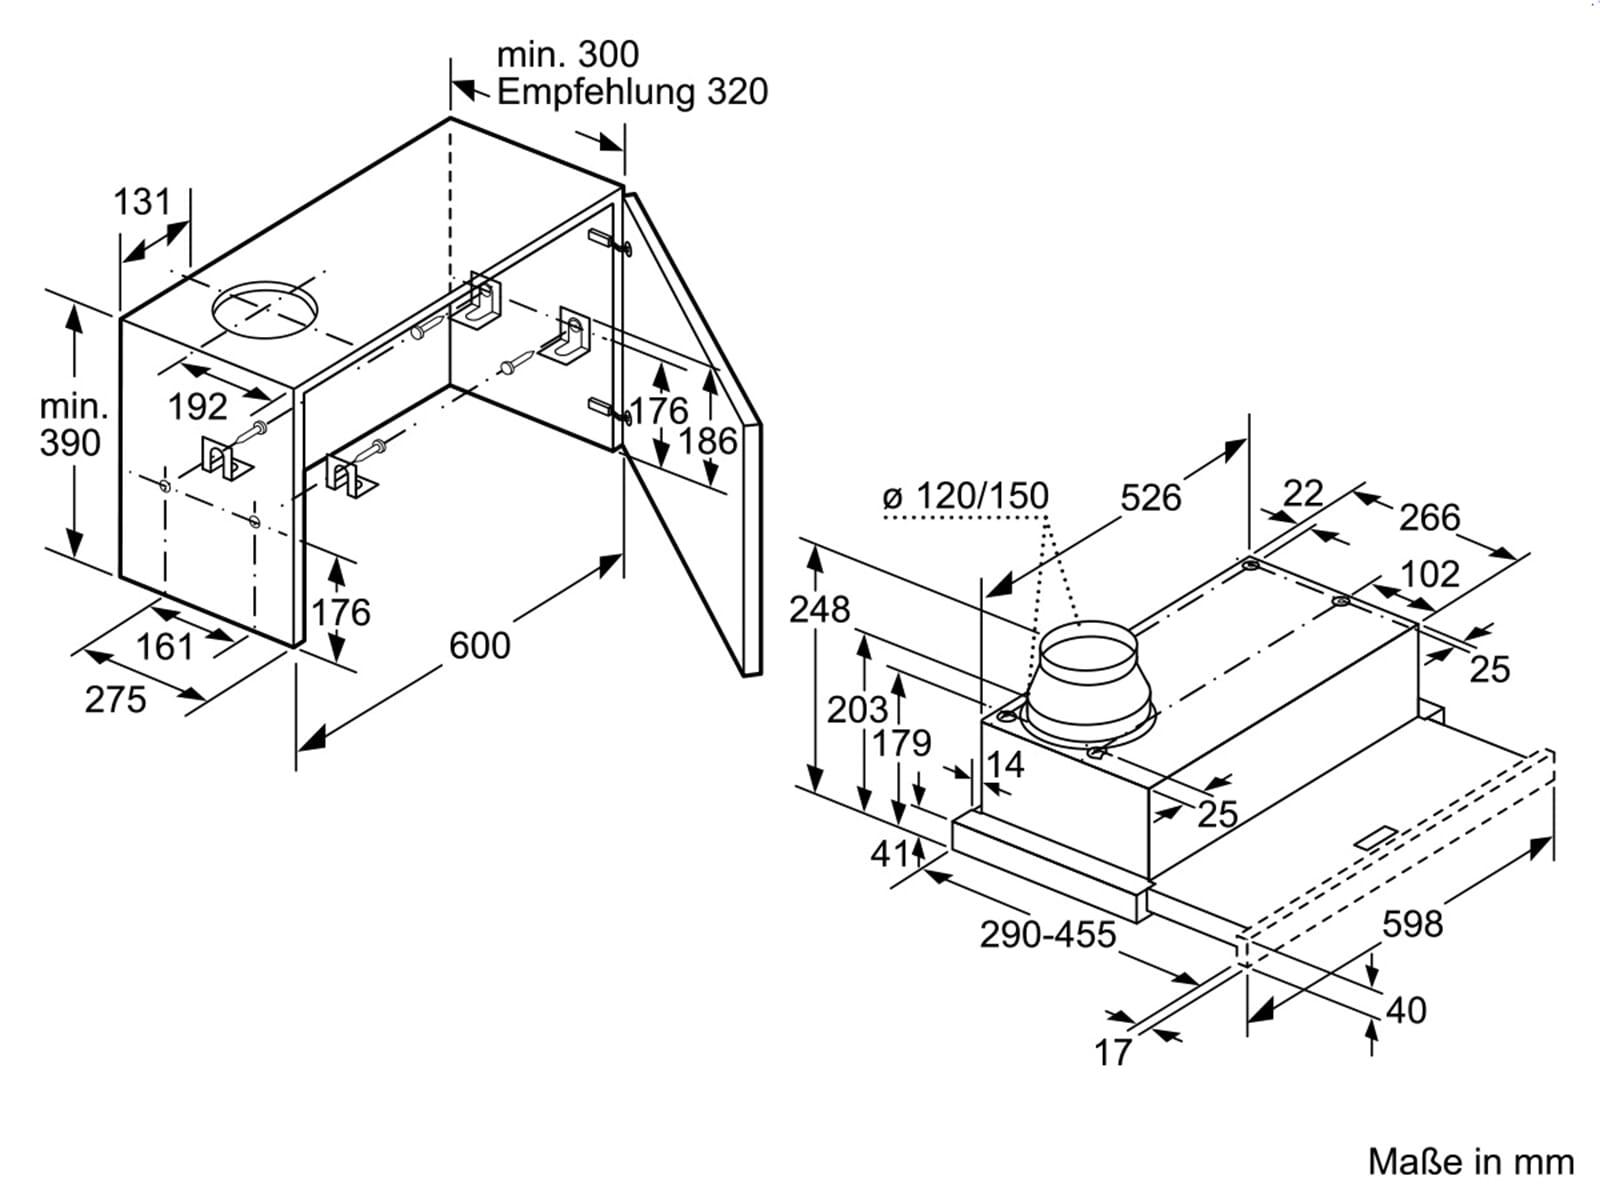 Moebelplus Gmbh siemens li64la520 flachschirmhaube moebelplus